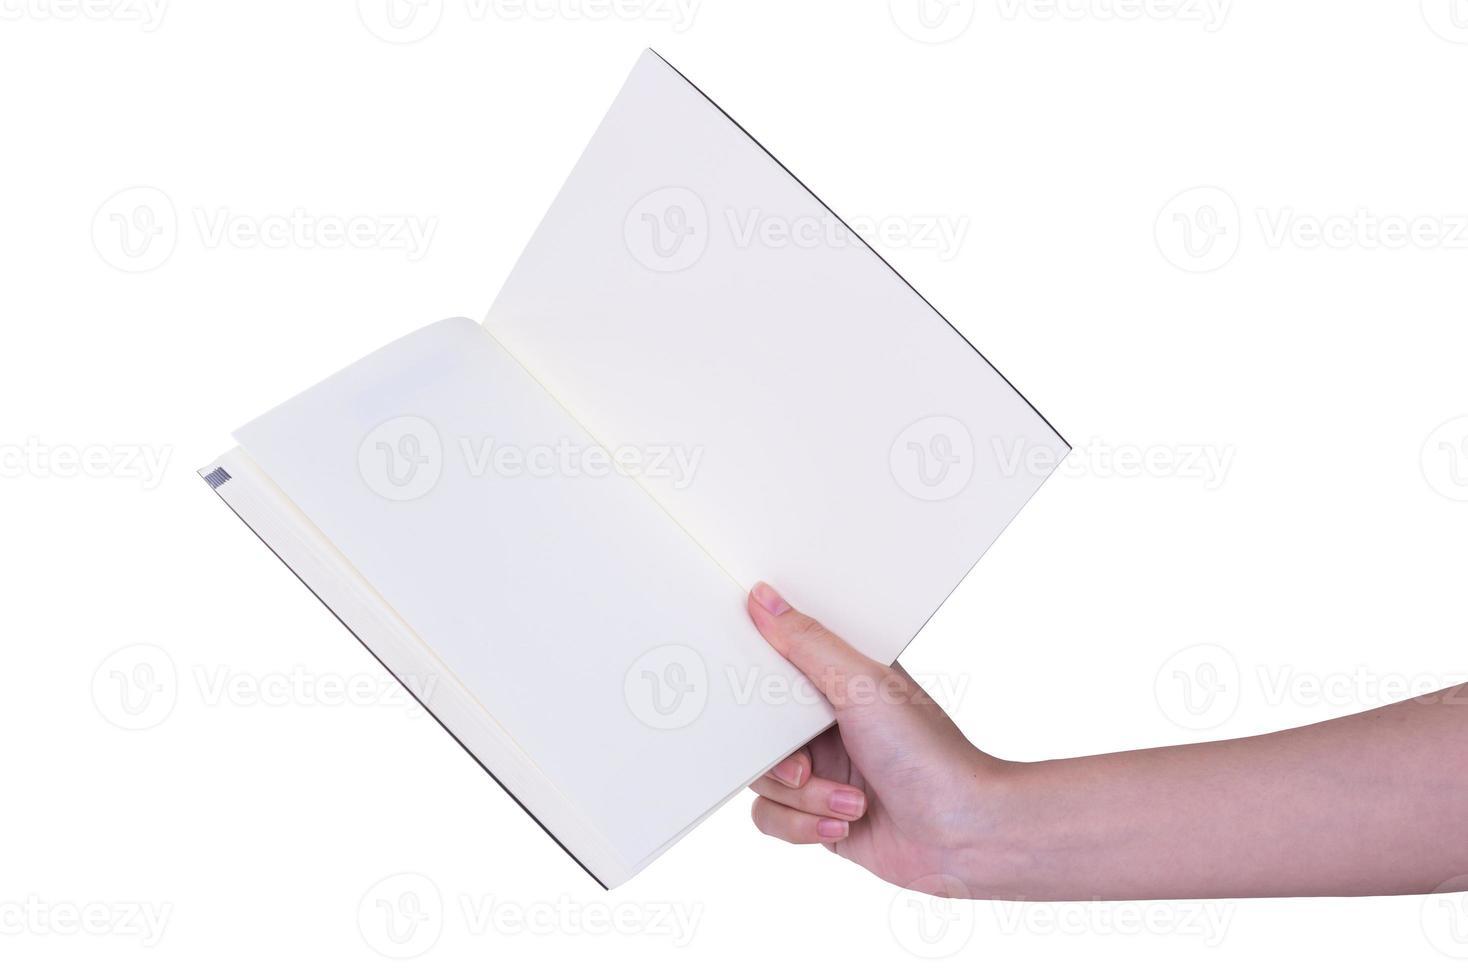 vrouw (vrouw) twee handen houden een leeg (leeg) boek (notitie, dagboek) foto